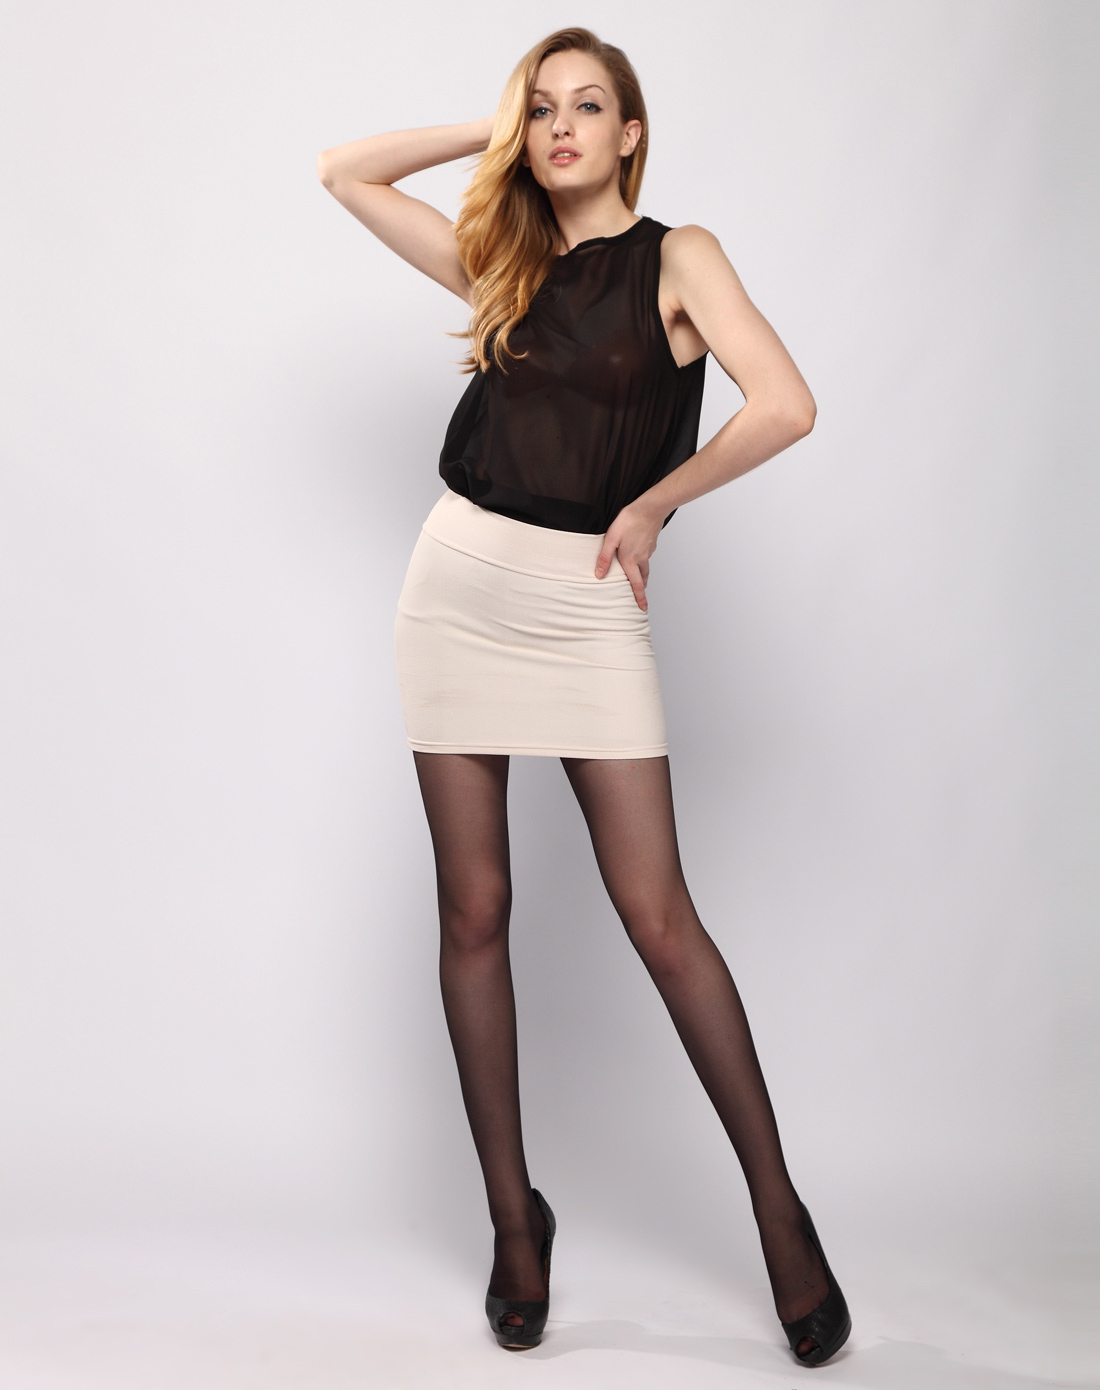 女黑礹/&�yi)��-z)�bi_女款4双装黑色百合花香加档连裤袜